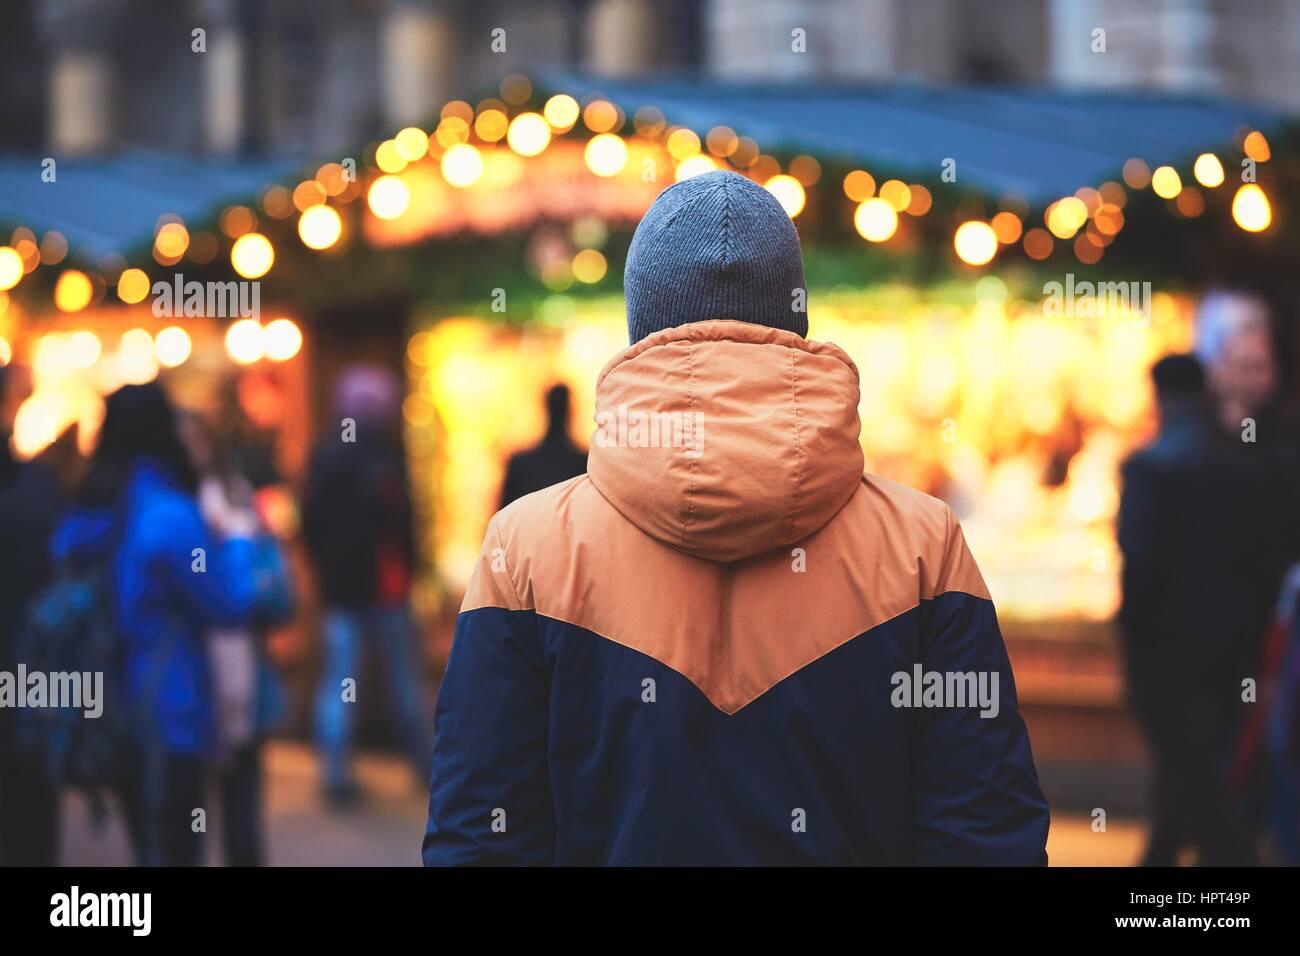 Joven en el mercado navideño de Viena, Austria Imagen De Stock